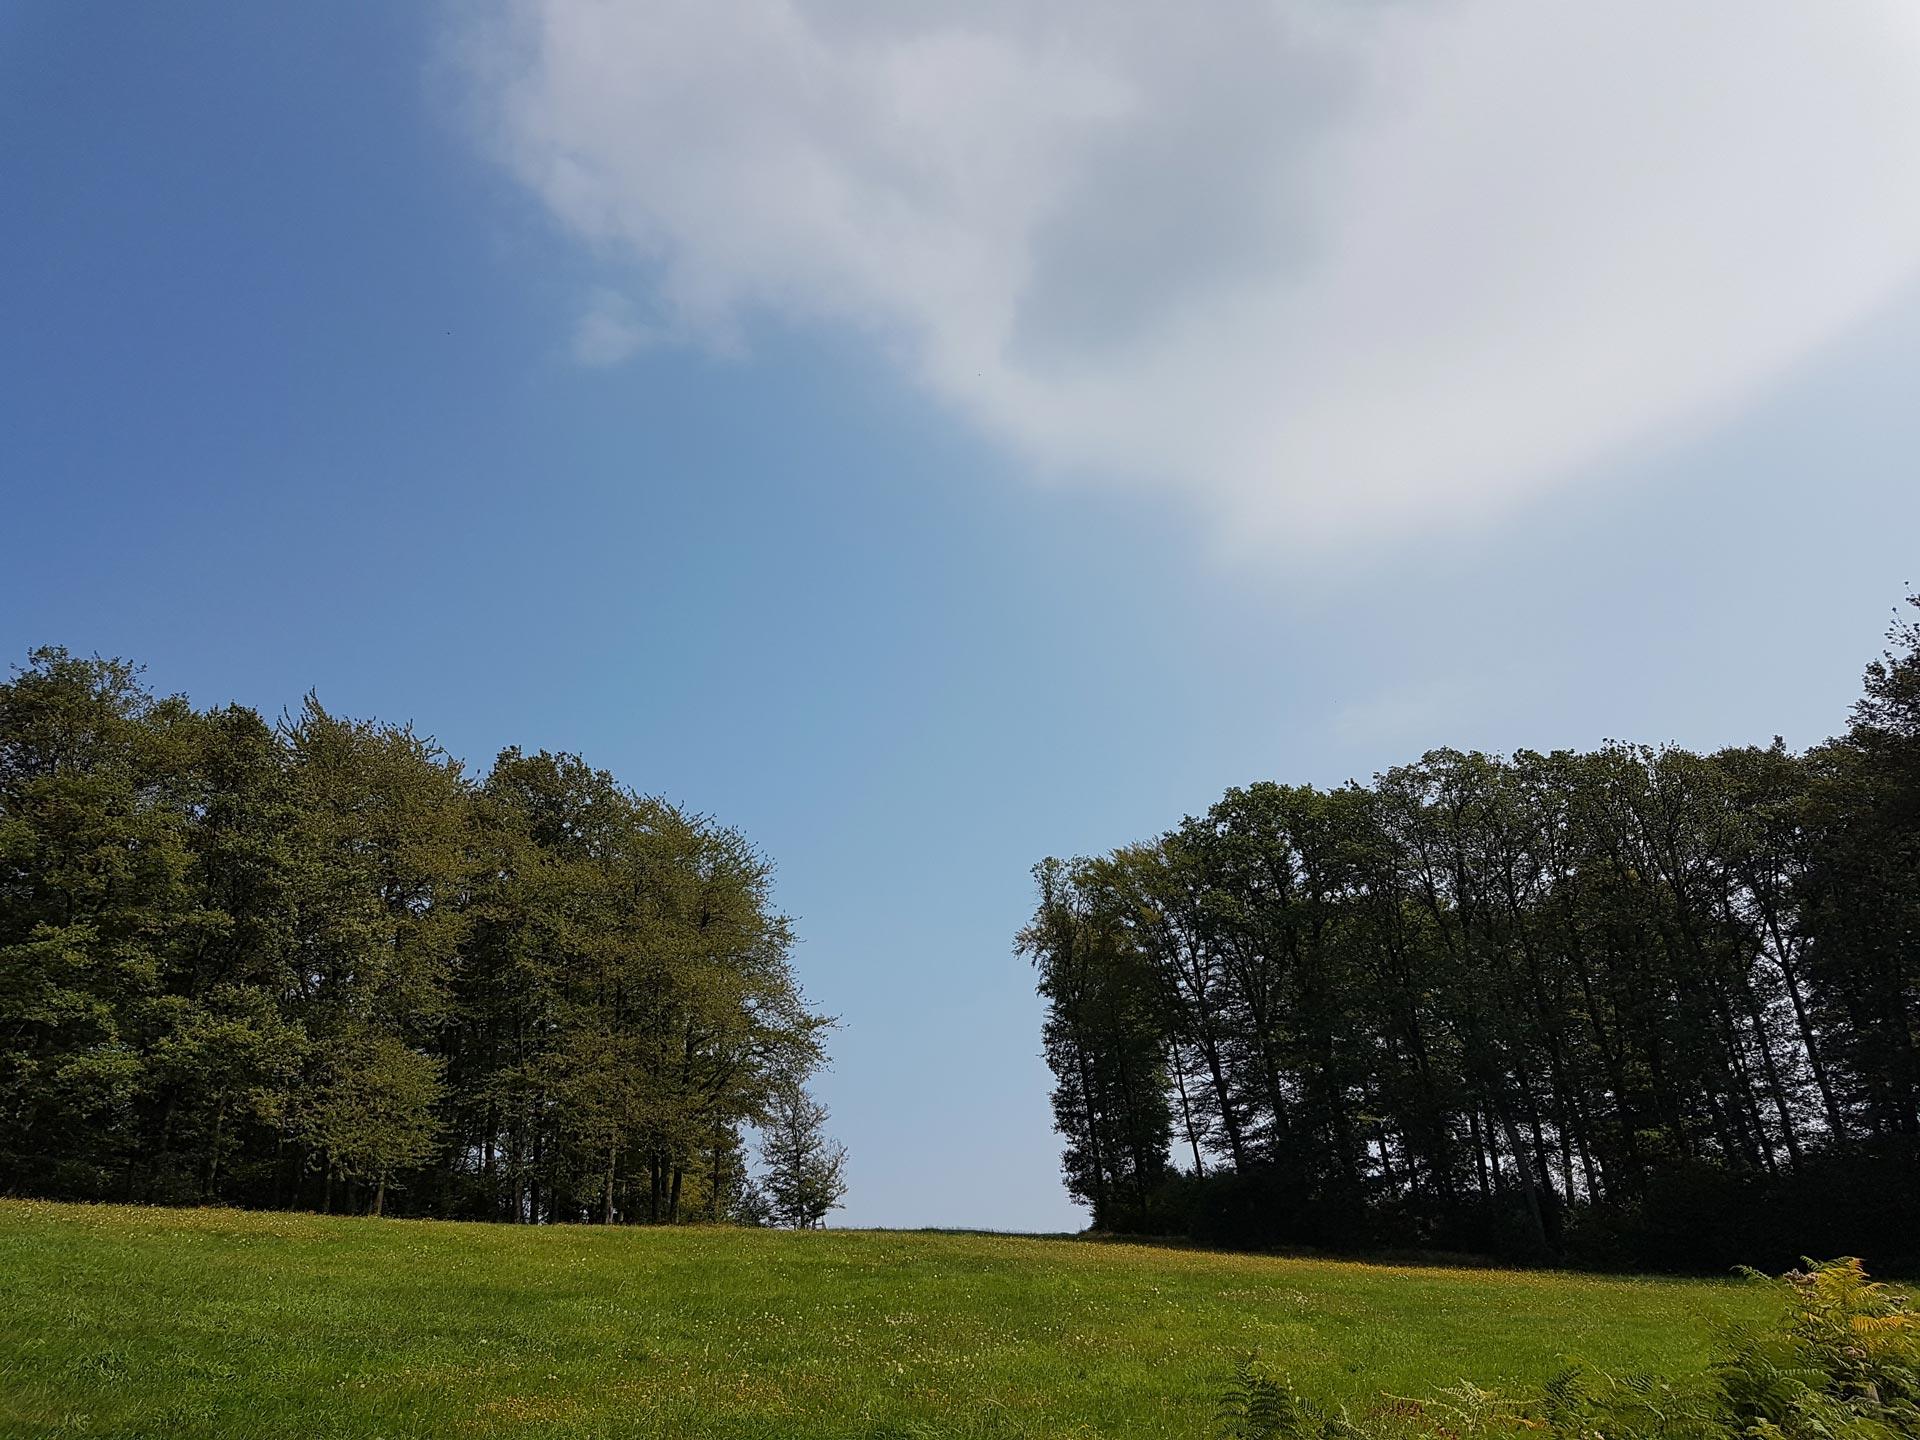 Kontakt Pflegeteam Kleeblatt Arbeitgeber Stellenangebot Marialinden Bergisches Land Overath